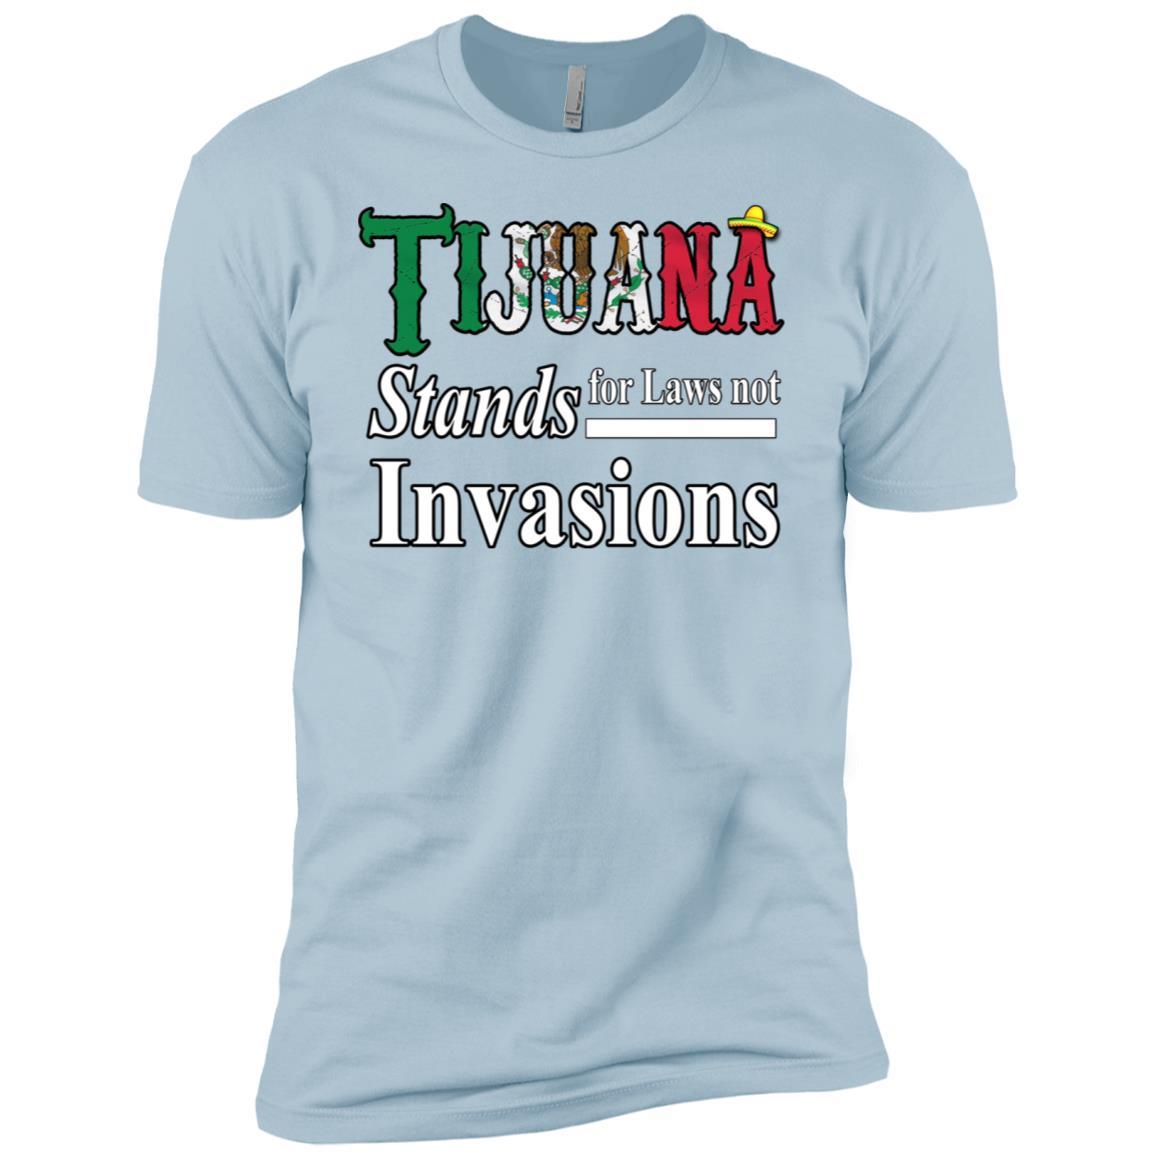 Make Tijuana Mexico Great Again Funny Gift Idea s-1 Men Short Sleeve T-Shirt